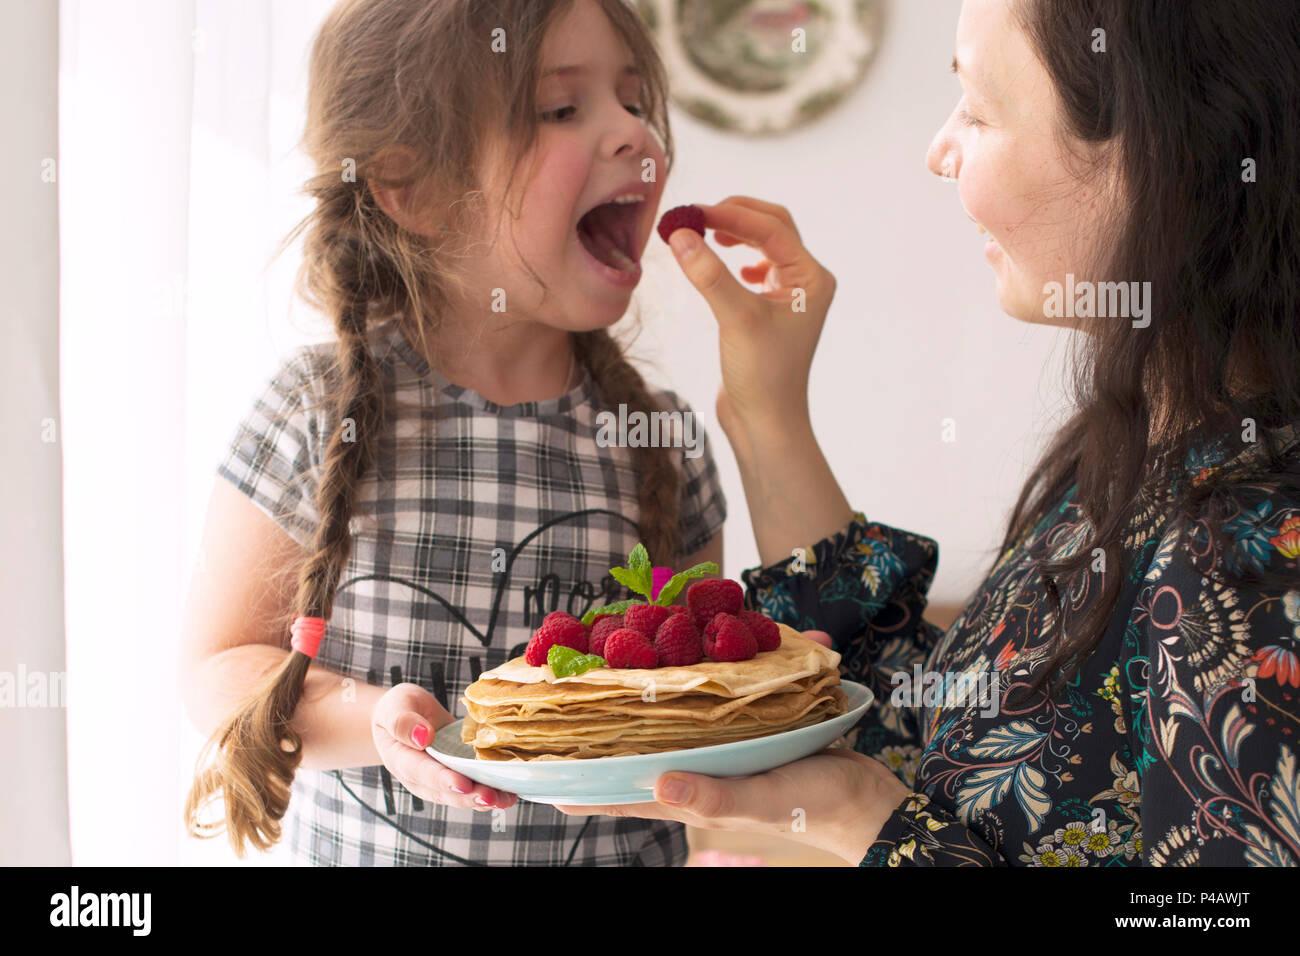 Mamá y la niña están sosteniendo un plato con tortitas caseras y bayas. Delicioso desayuno en casa. Una familia feliz. Buenos días, Imagen De Stock